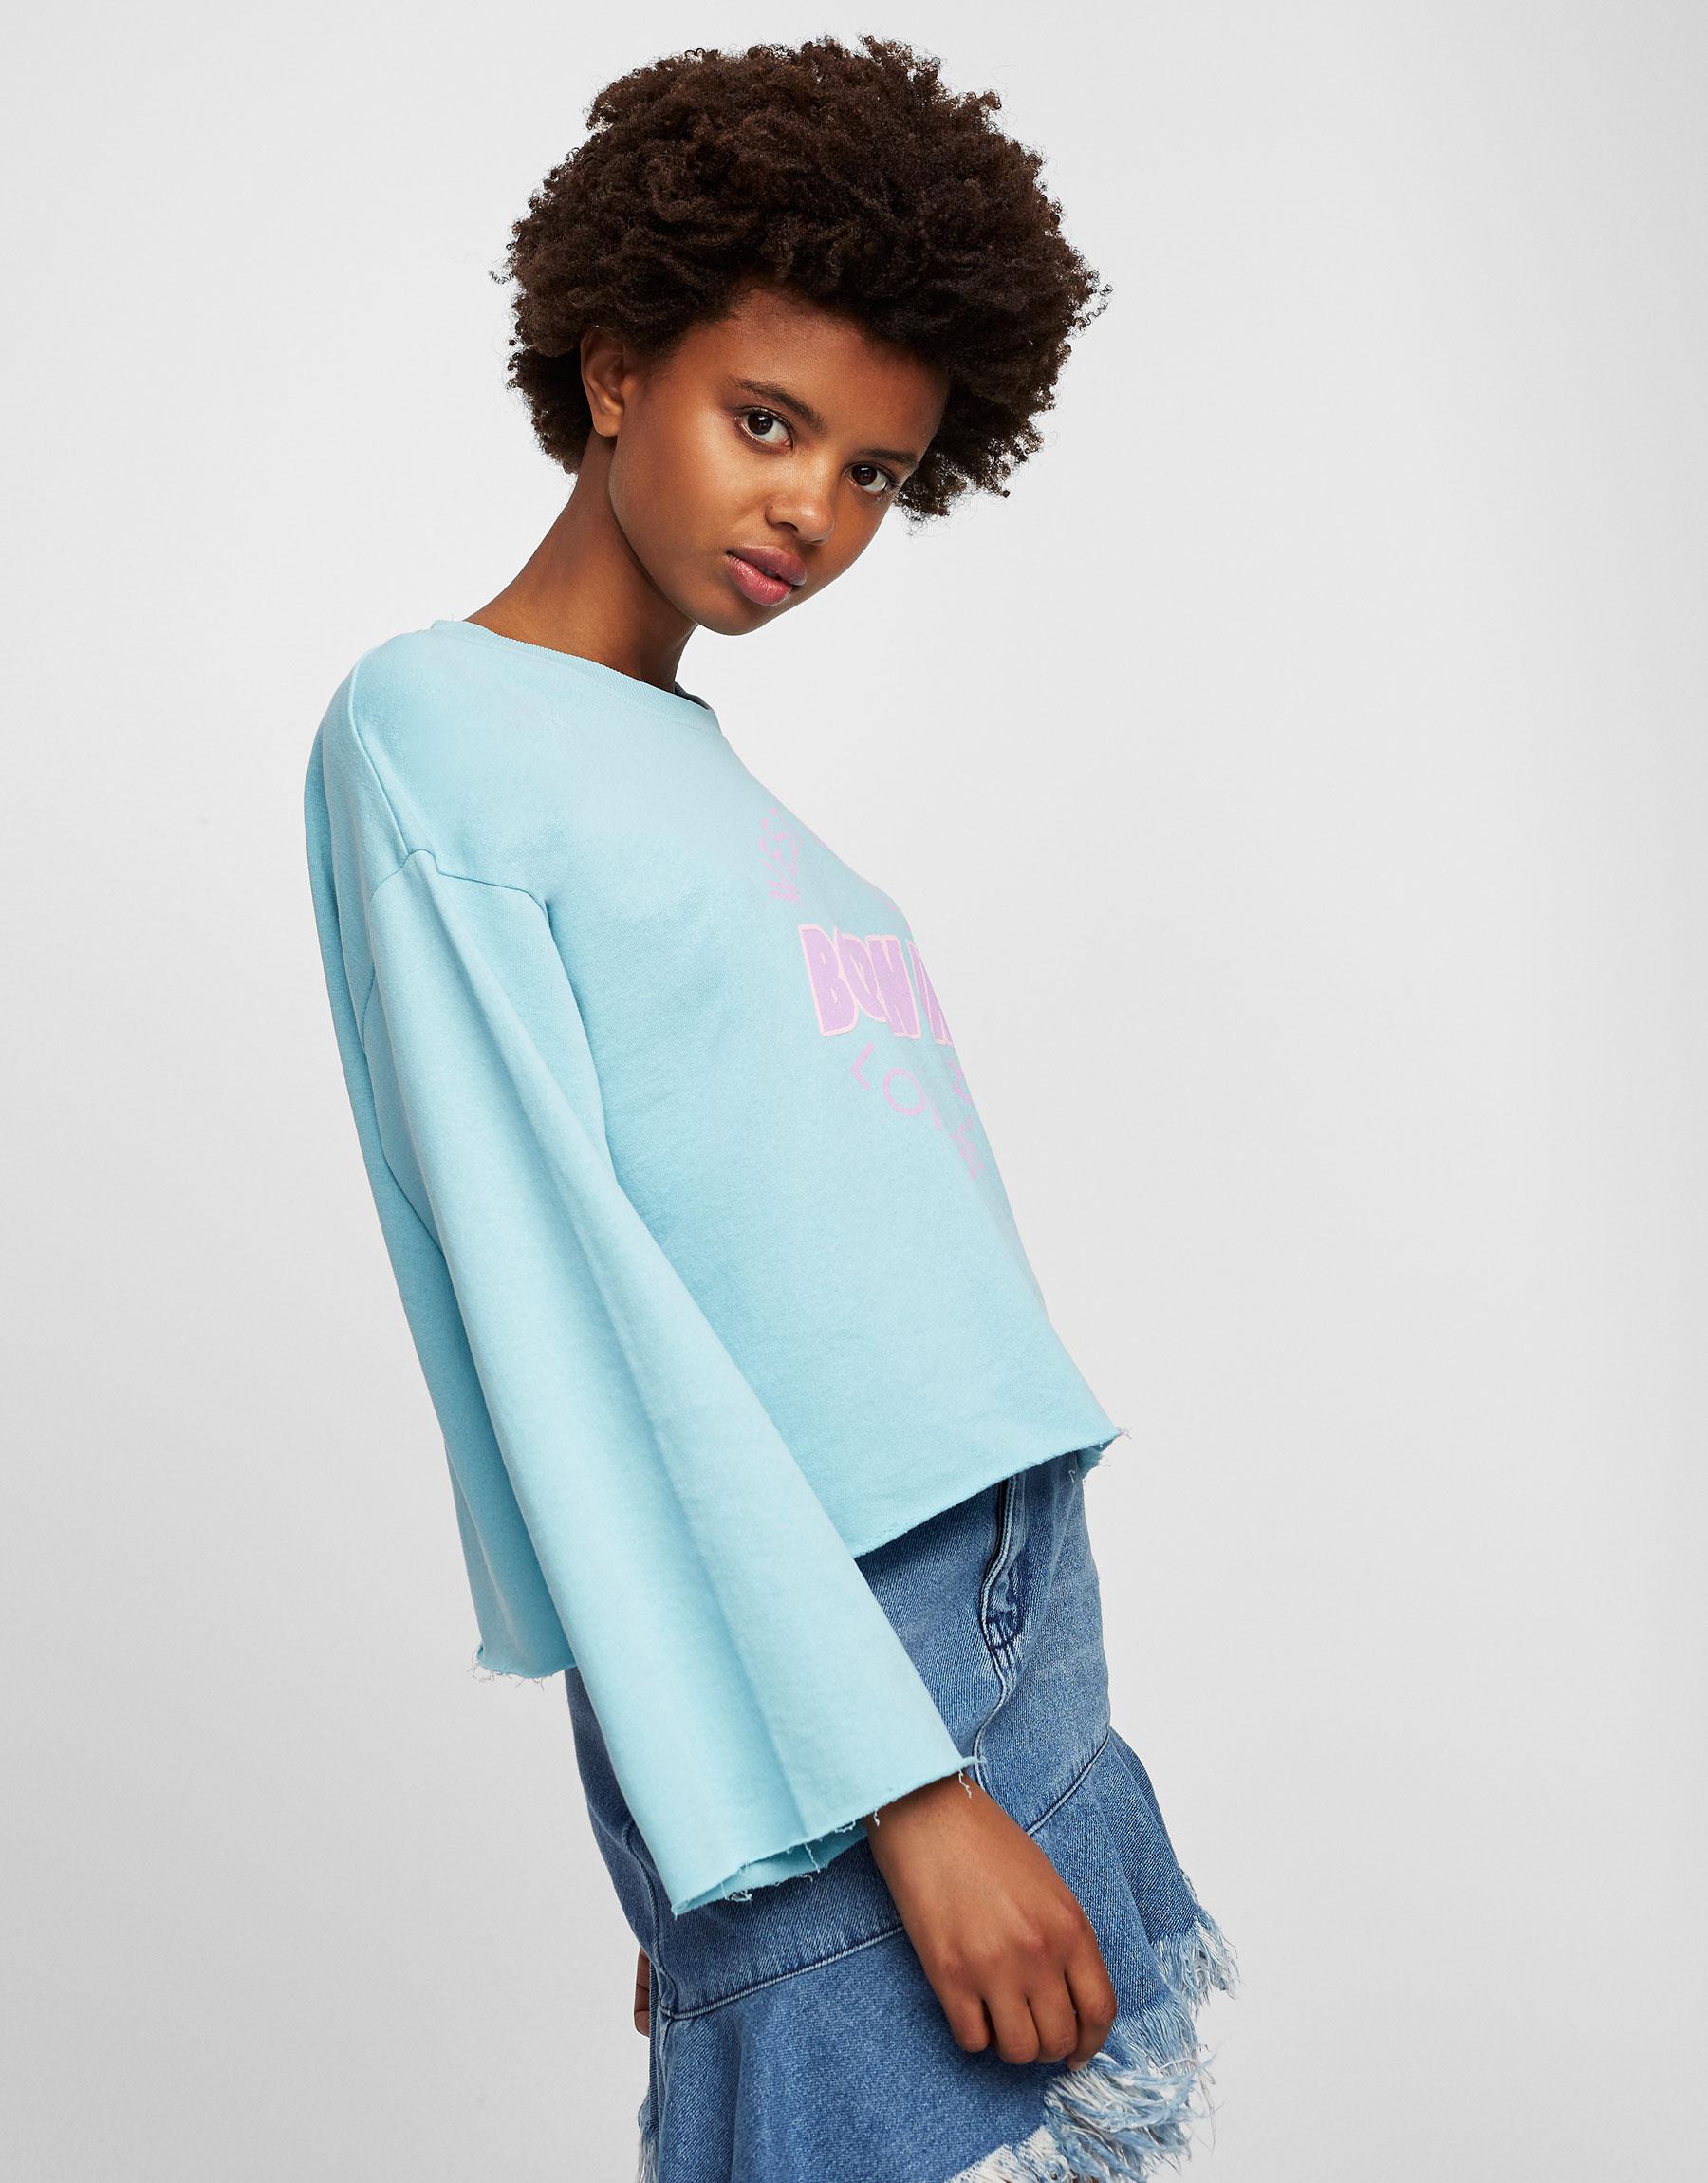 Farbiges Cropped-Sweatshirt mit Schriftzug